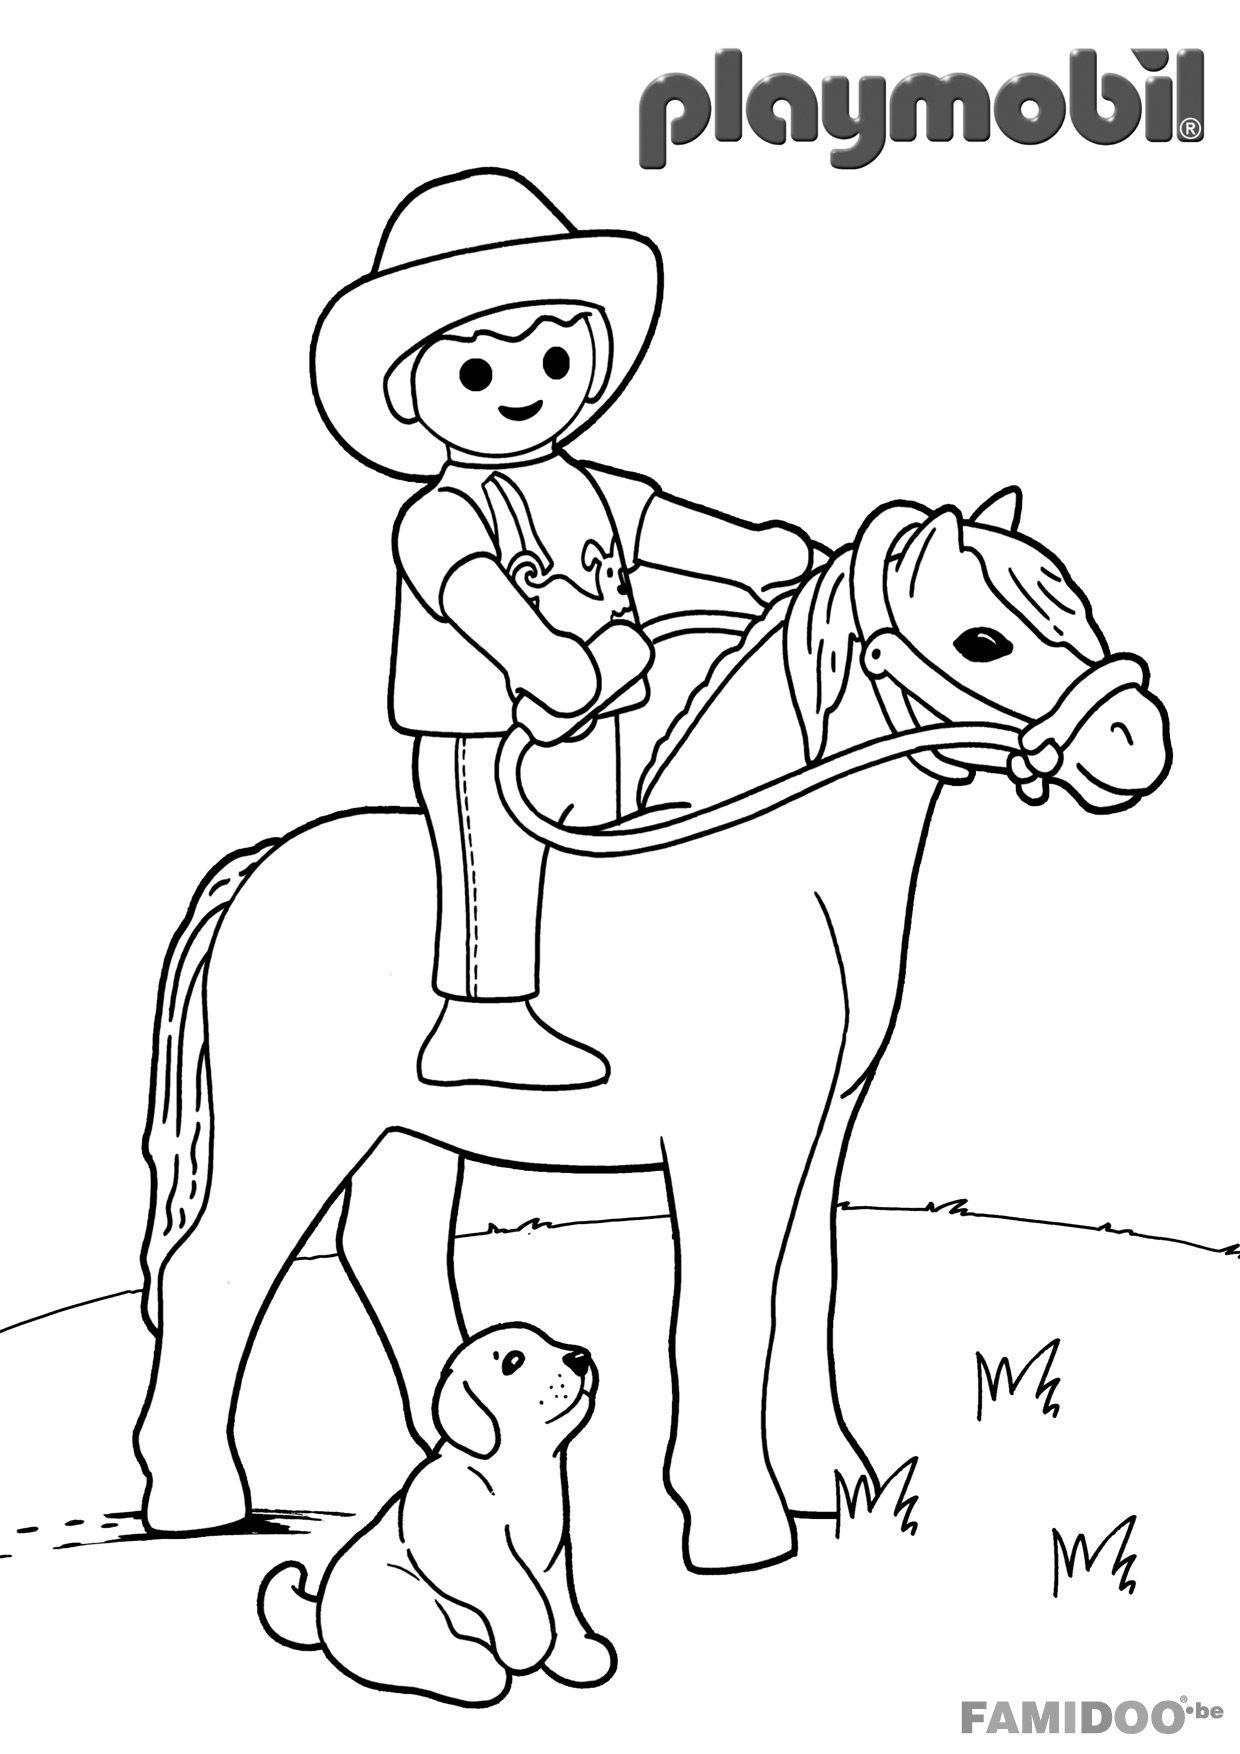 Coloriage, Coloriage cheval, Coloriage ninjago